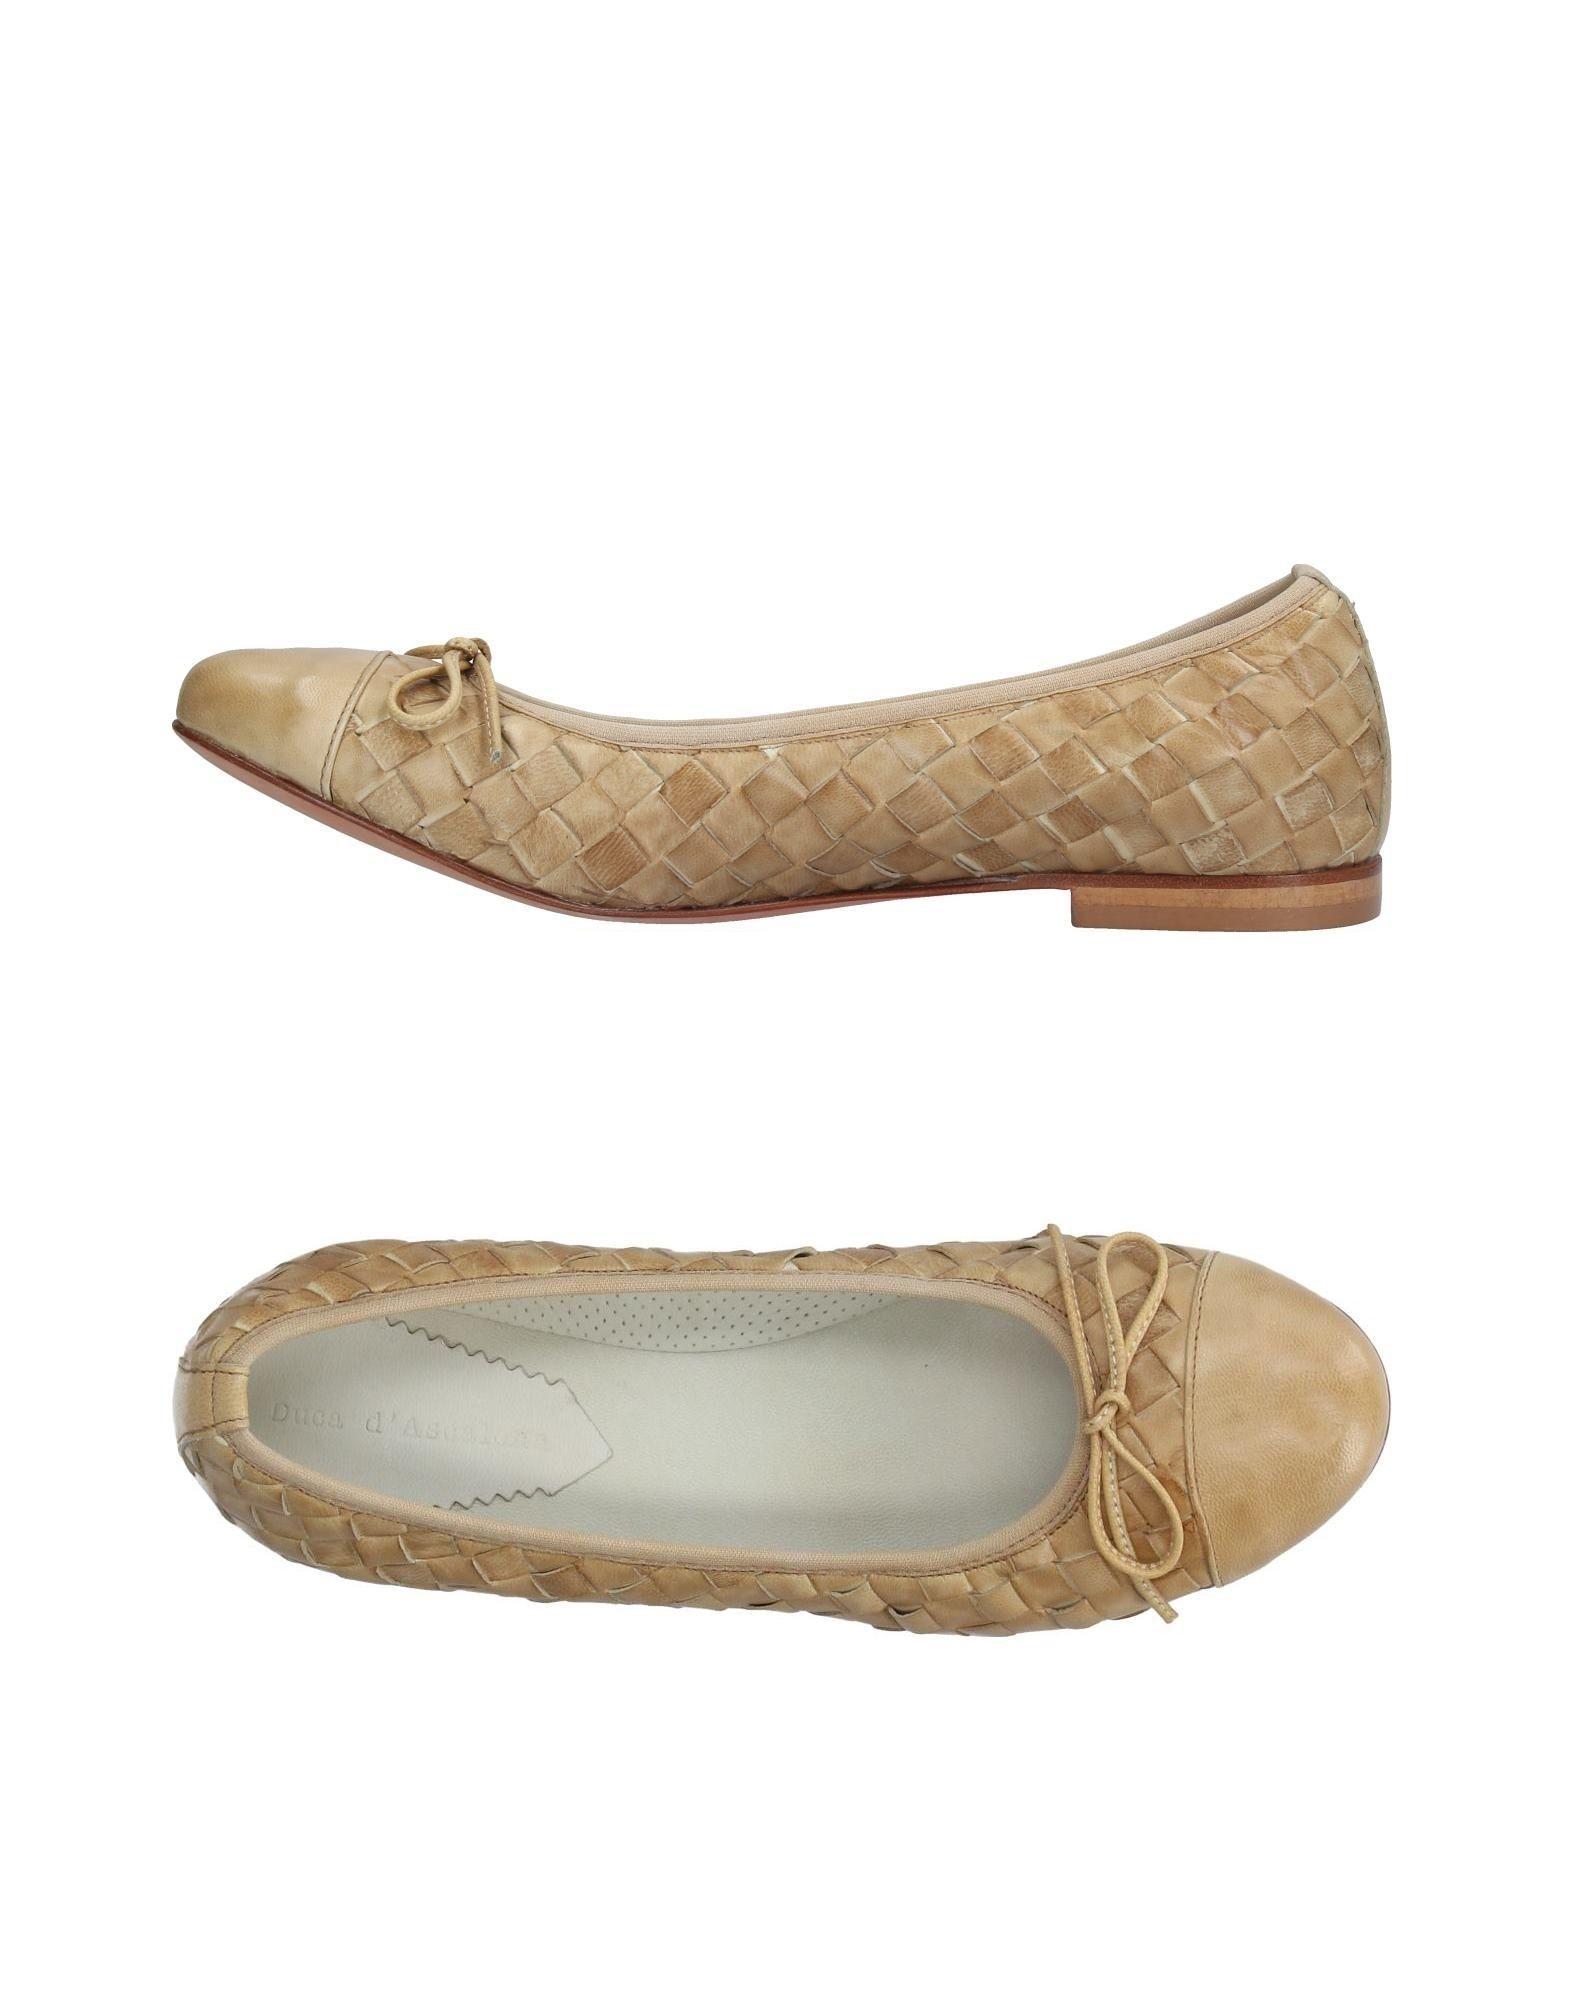 Duca D'ascalona Damen Ballerinas Damen D'ascalona  11212915HC Gute Qualität beliebte Schuhe 0c6a5b